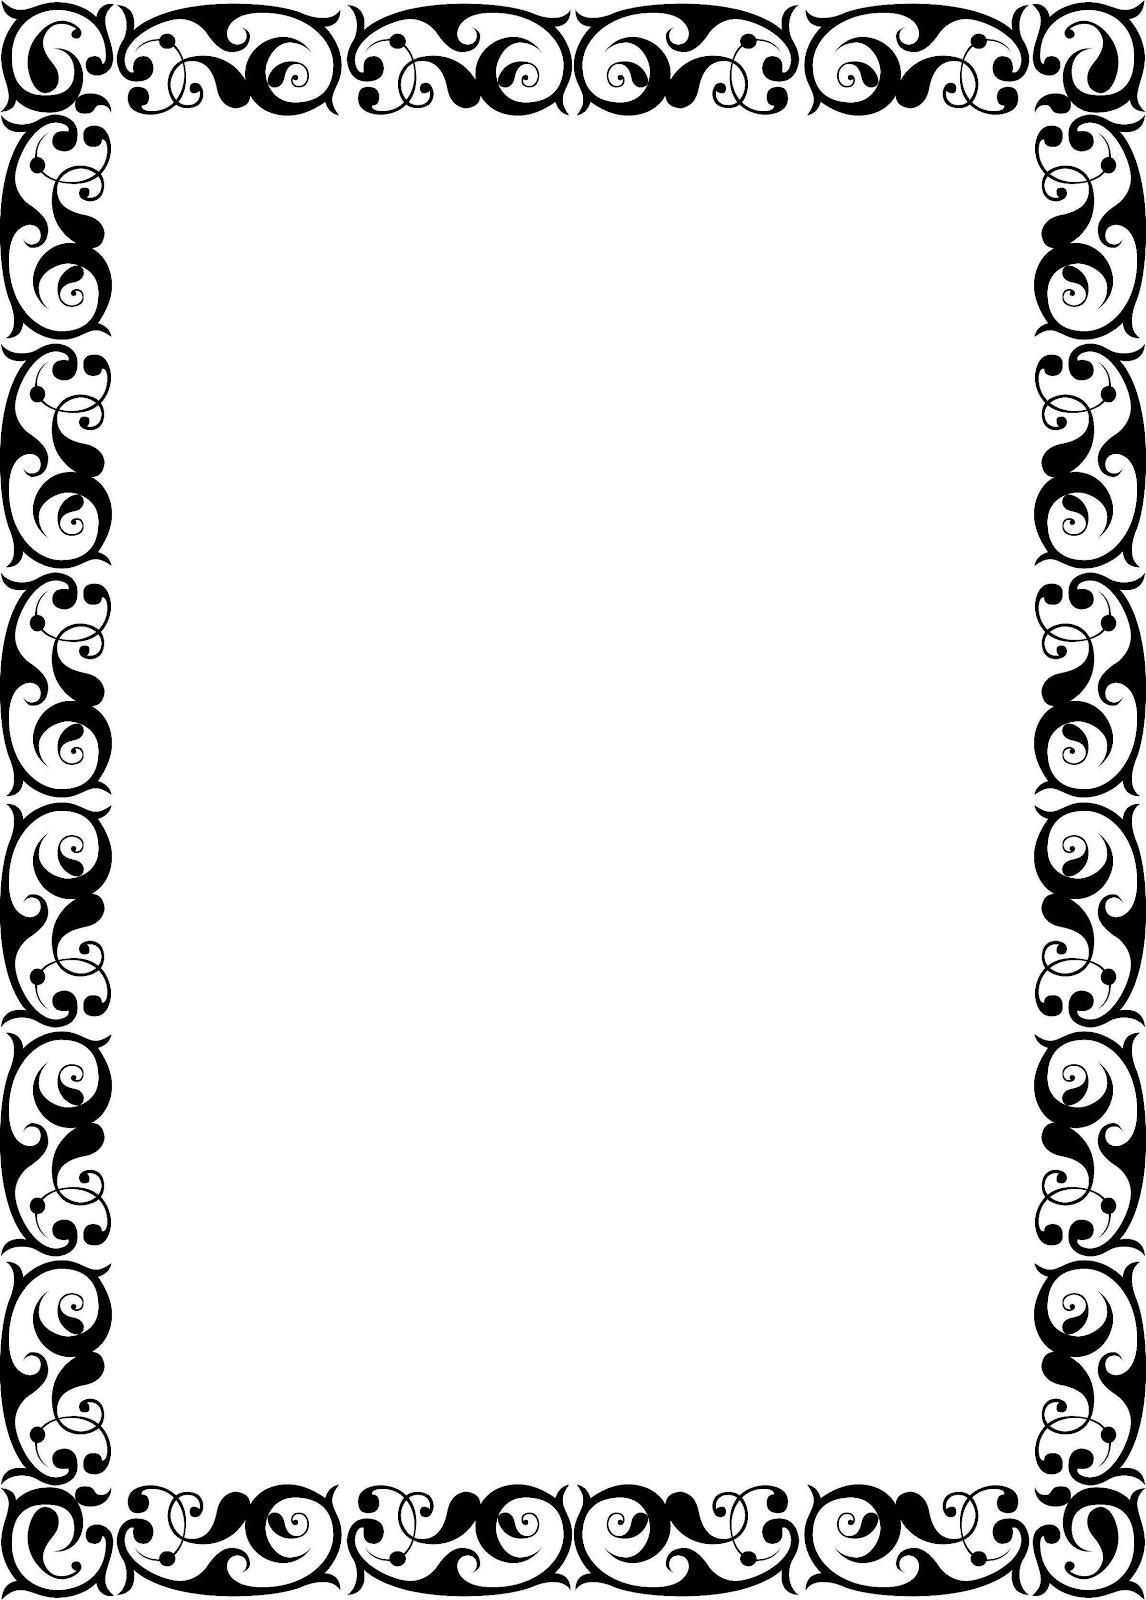 Gambar Bingkai Undangan Clip Art